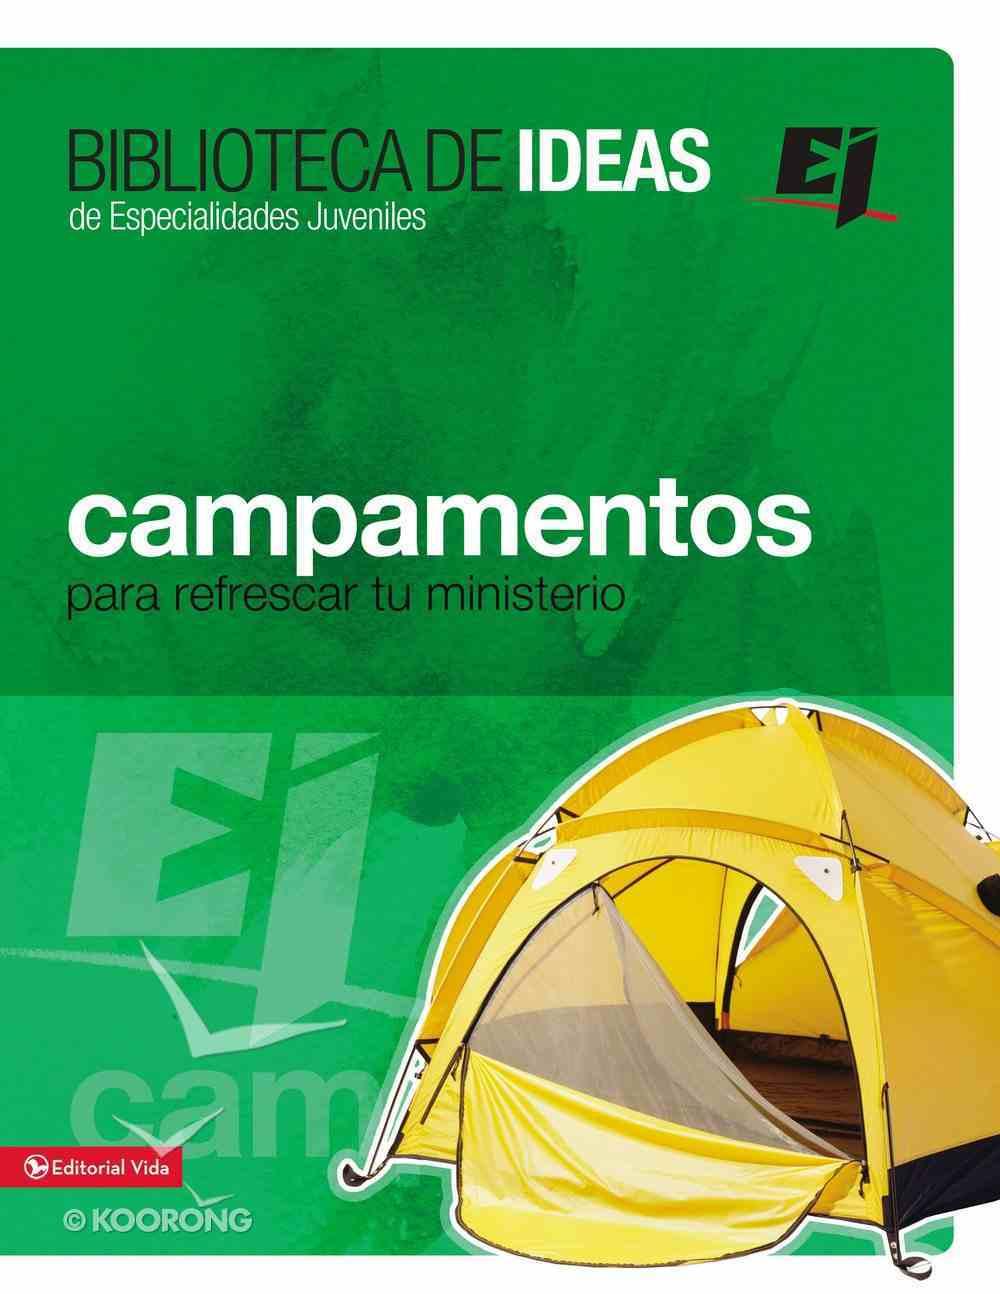 Campamentos, Retiros, Misiones E Ideas De Servicio (Camps, Missions & Service Ideas) Paperback